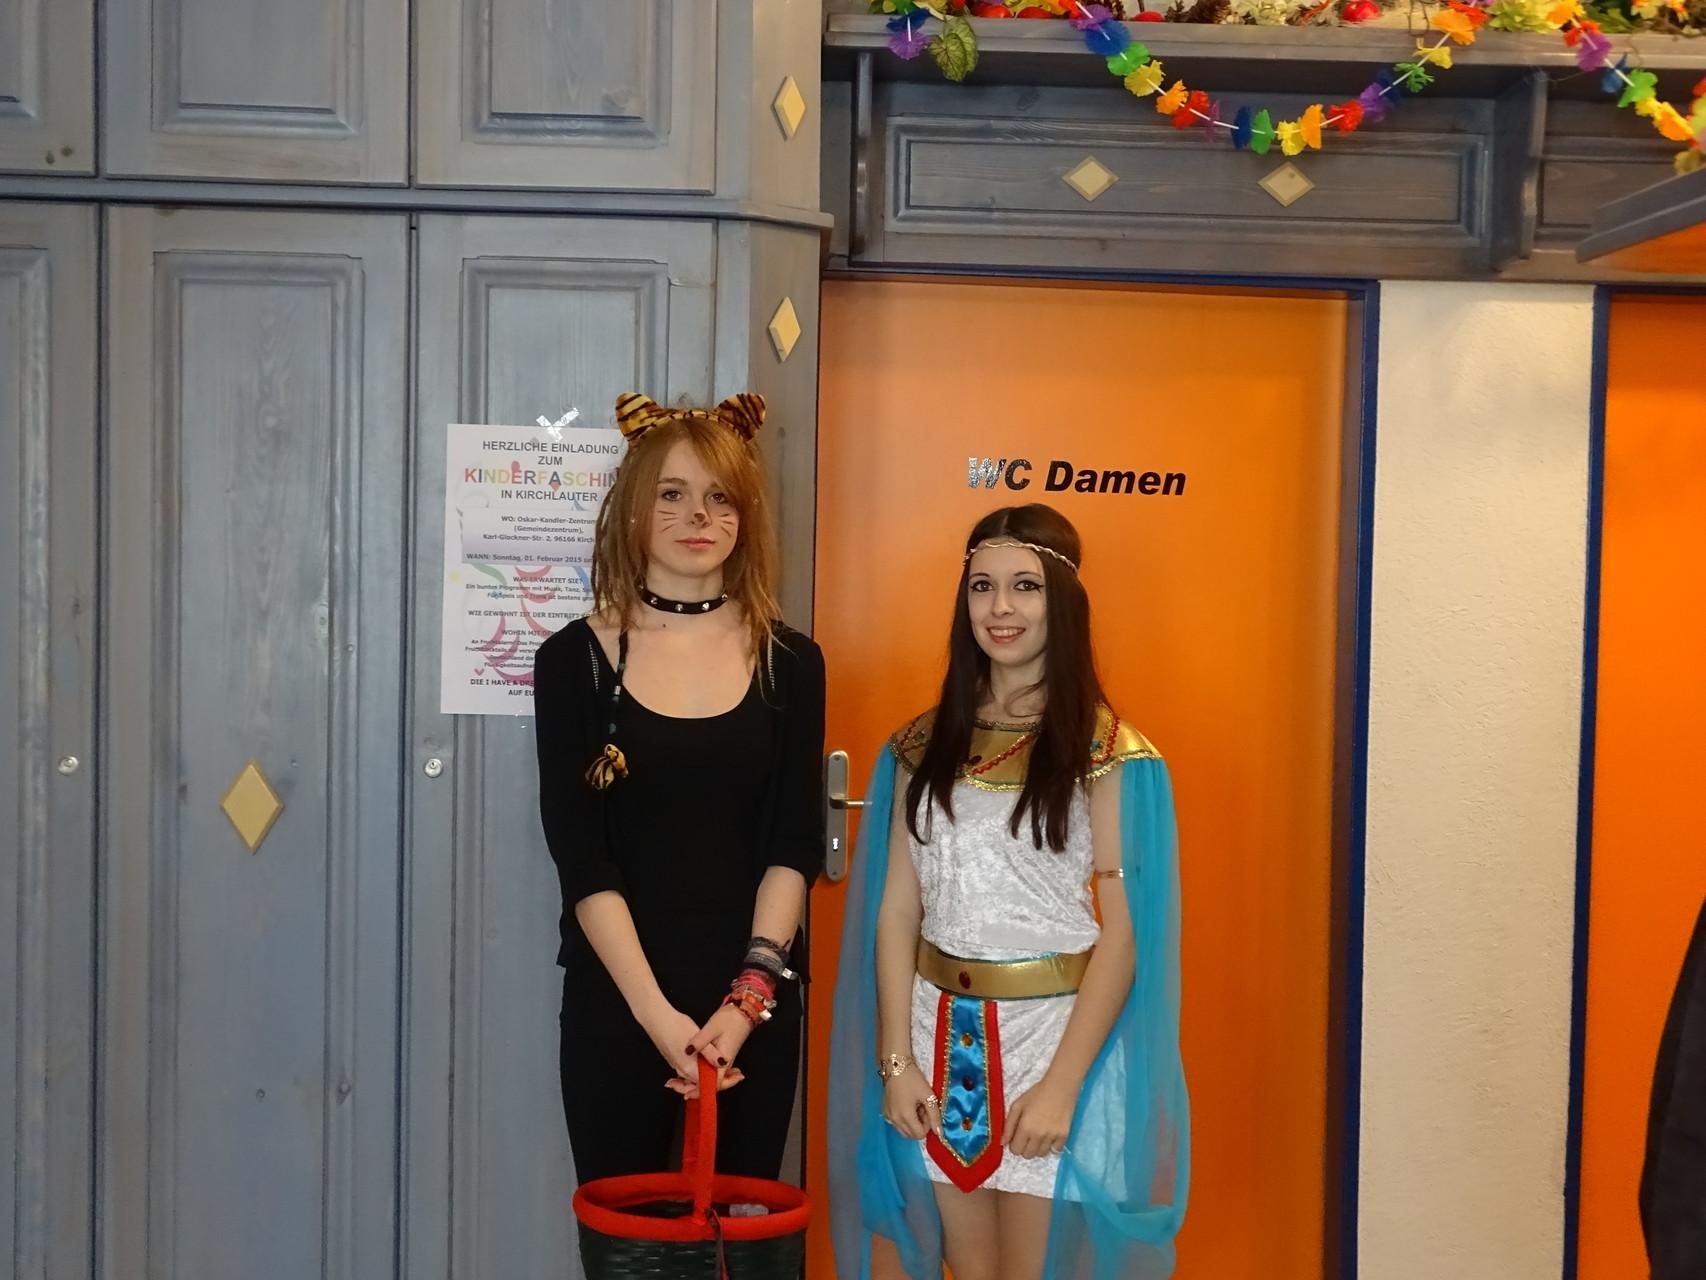 Begrüßung der Gäste am Eingang - für die Kids hielten wir etwas Süßes bereit ;)